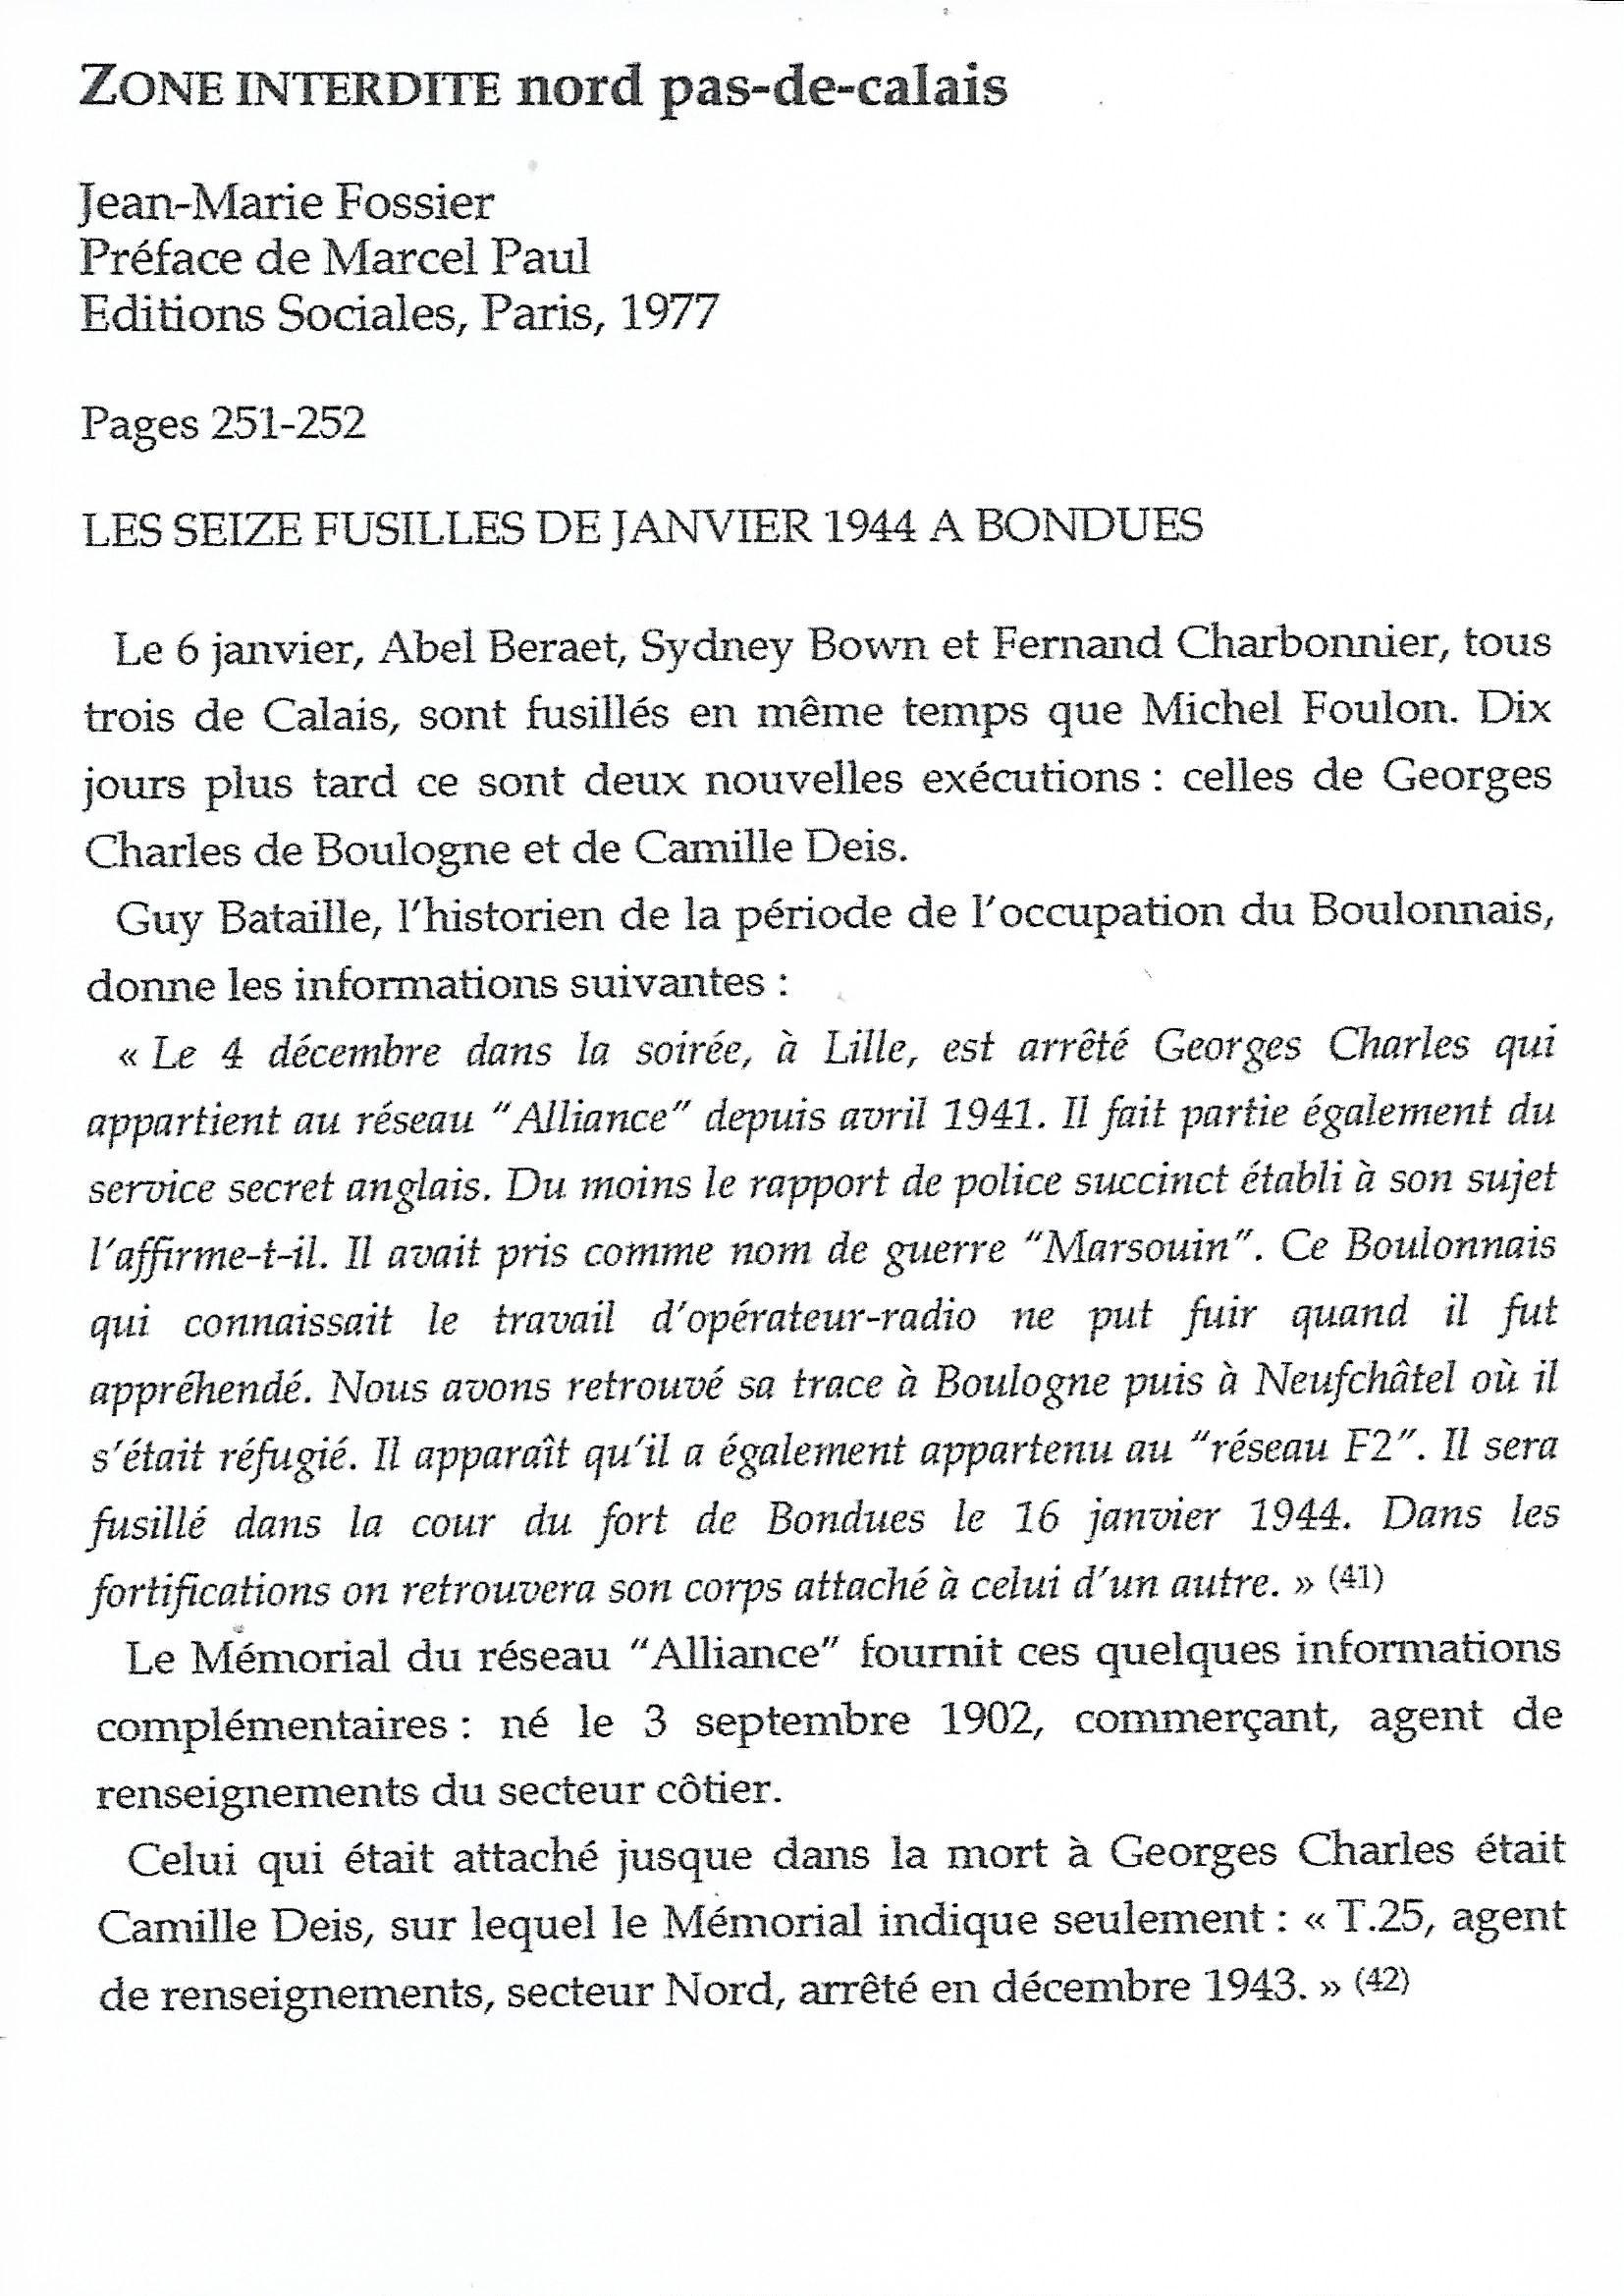 Georges Charles FFL livre Zone Interdite JM Fossier